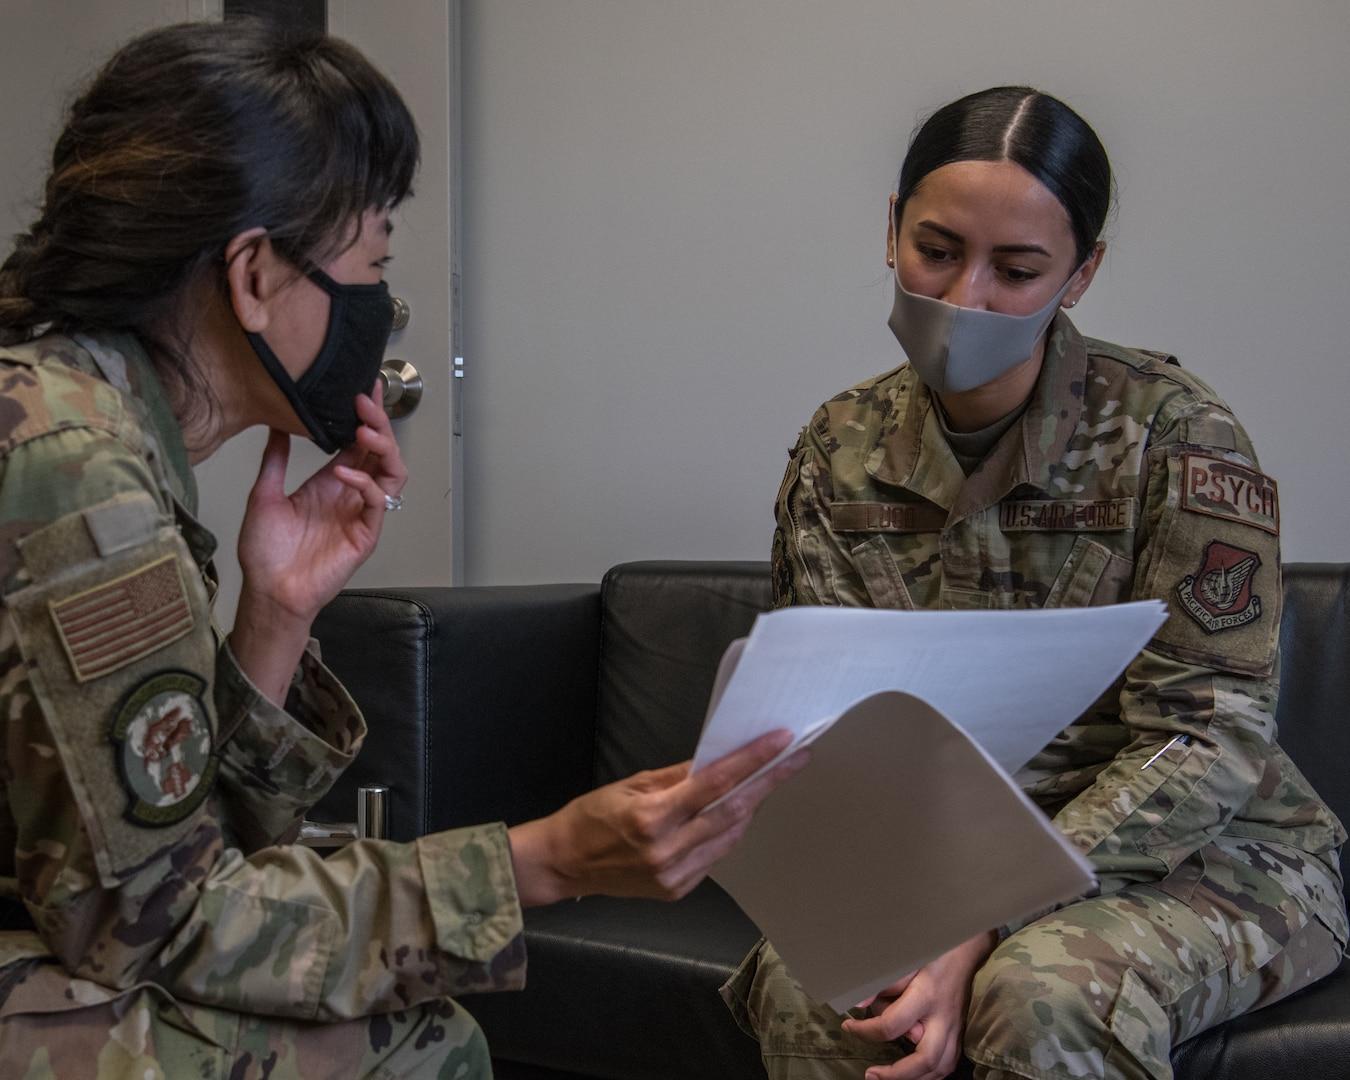 Two service members talking